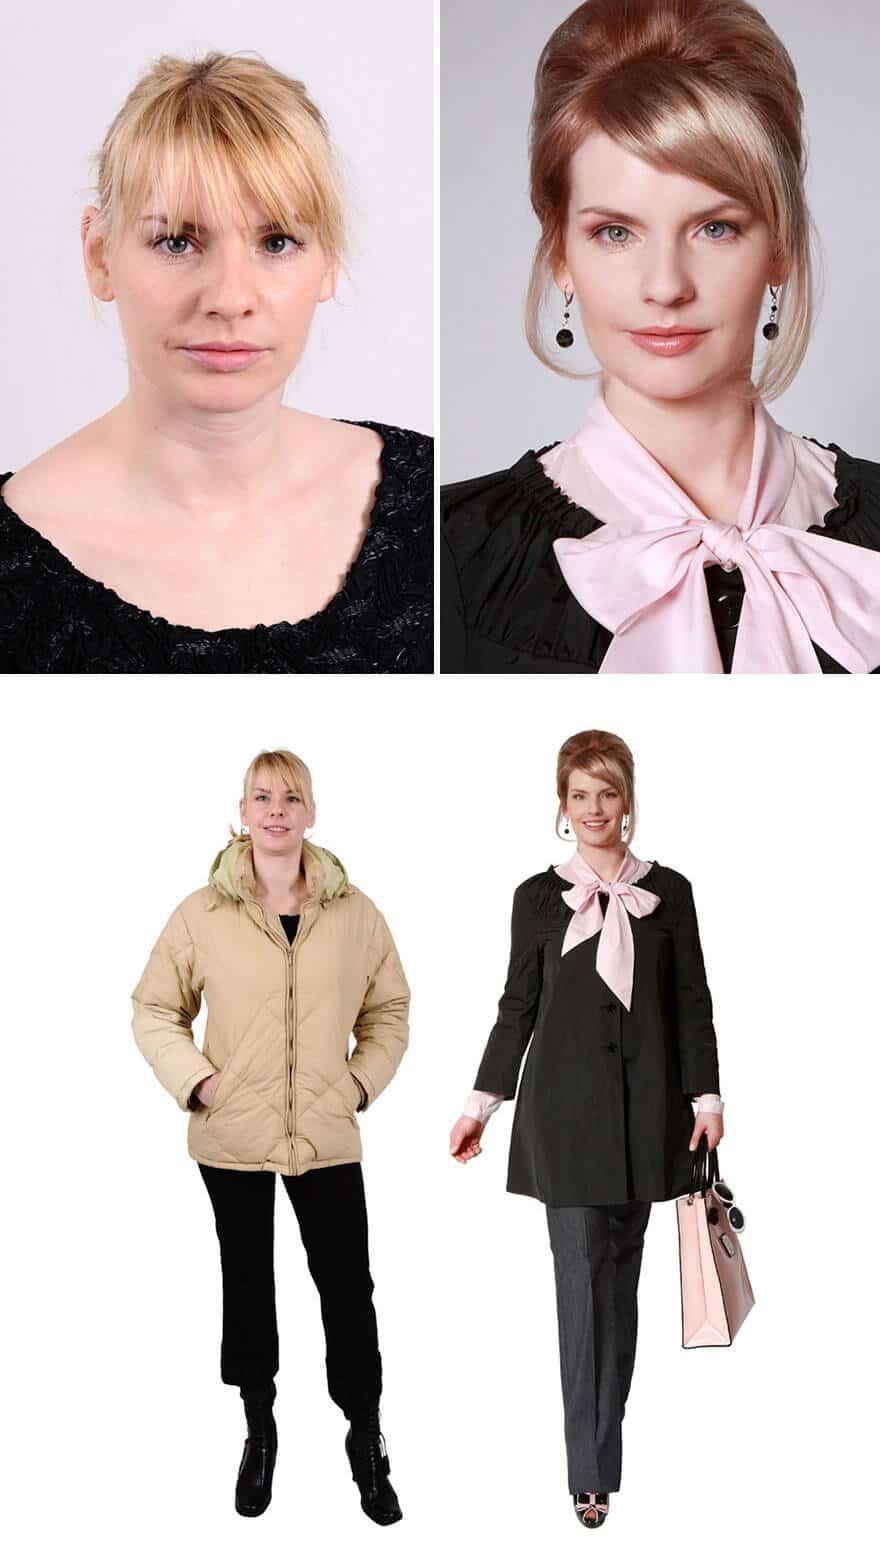 Frisurtrends für Frauen - Outfit Tipps von Bogomolov Image